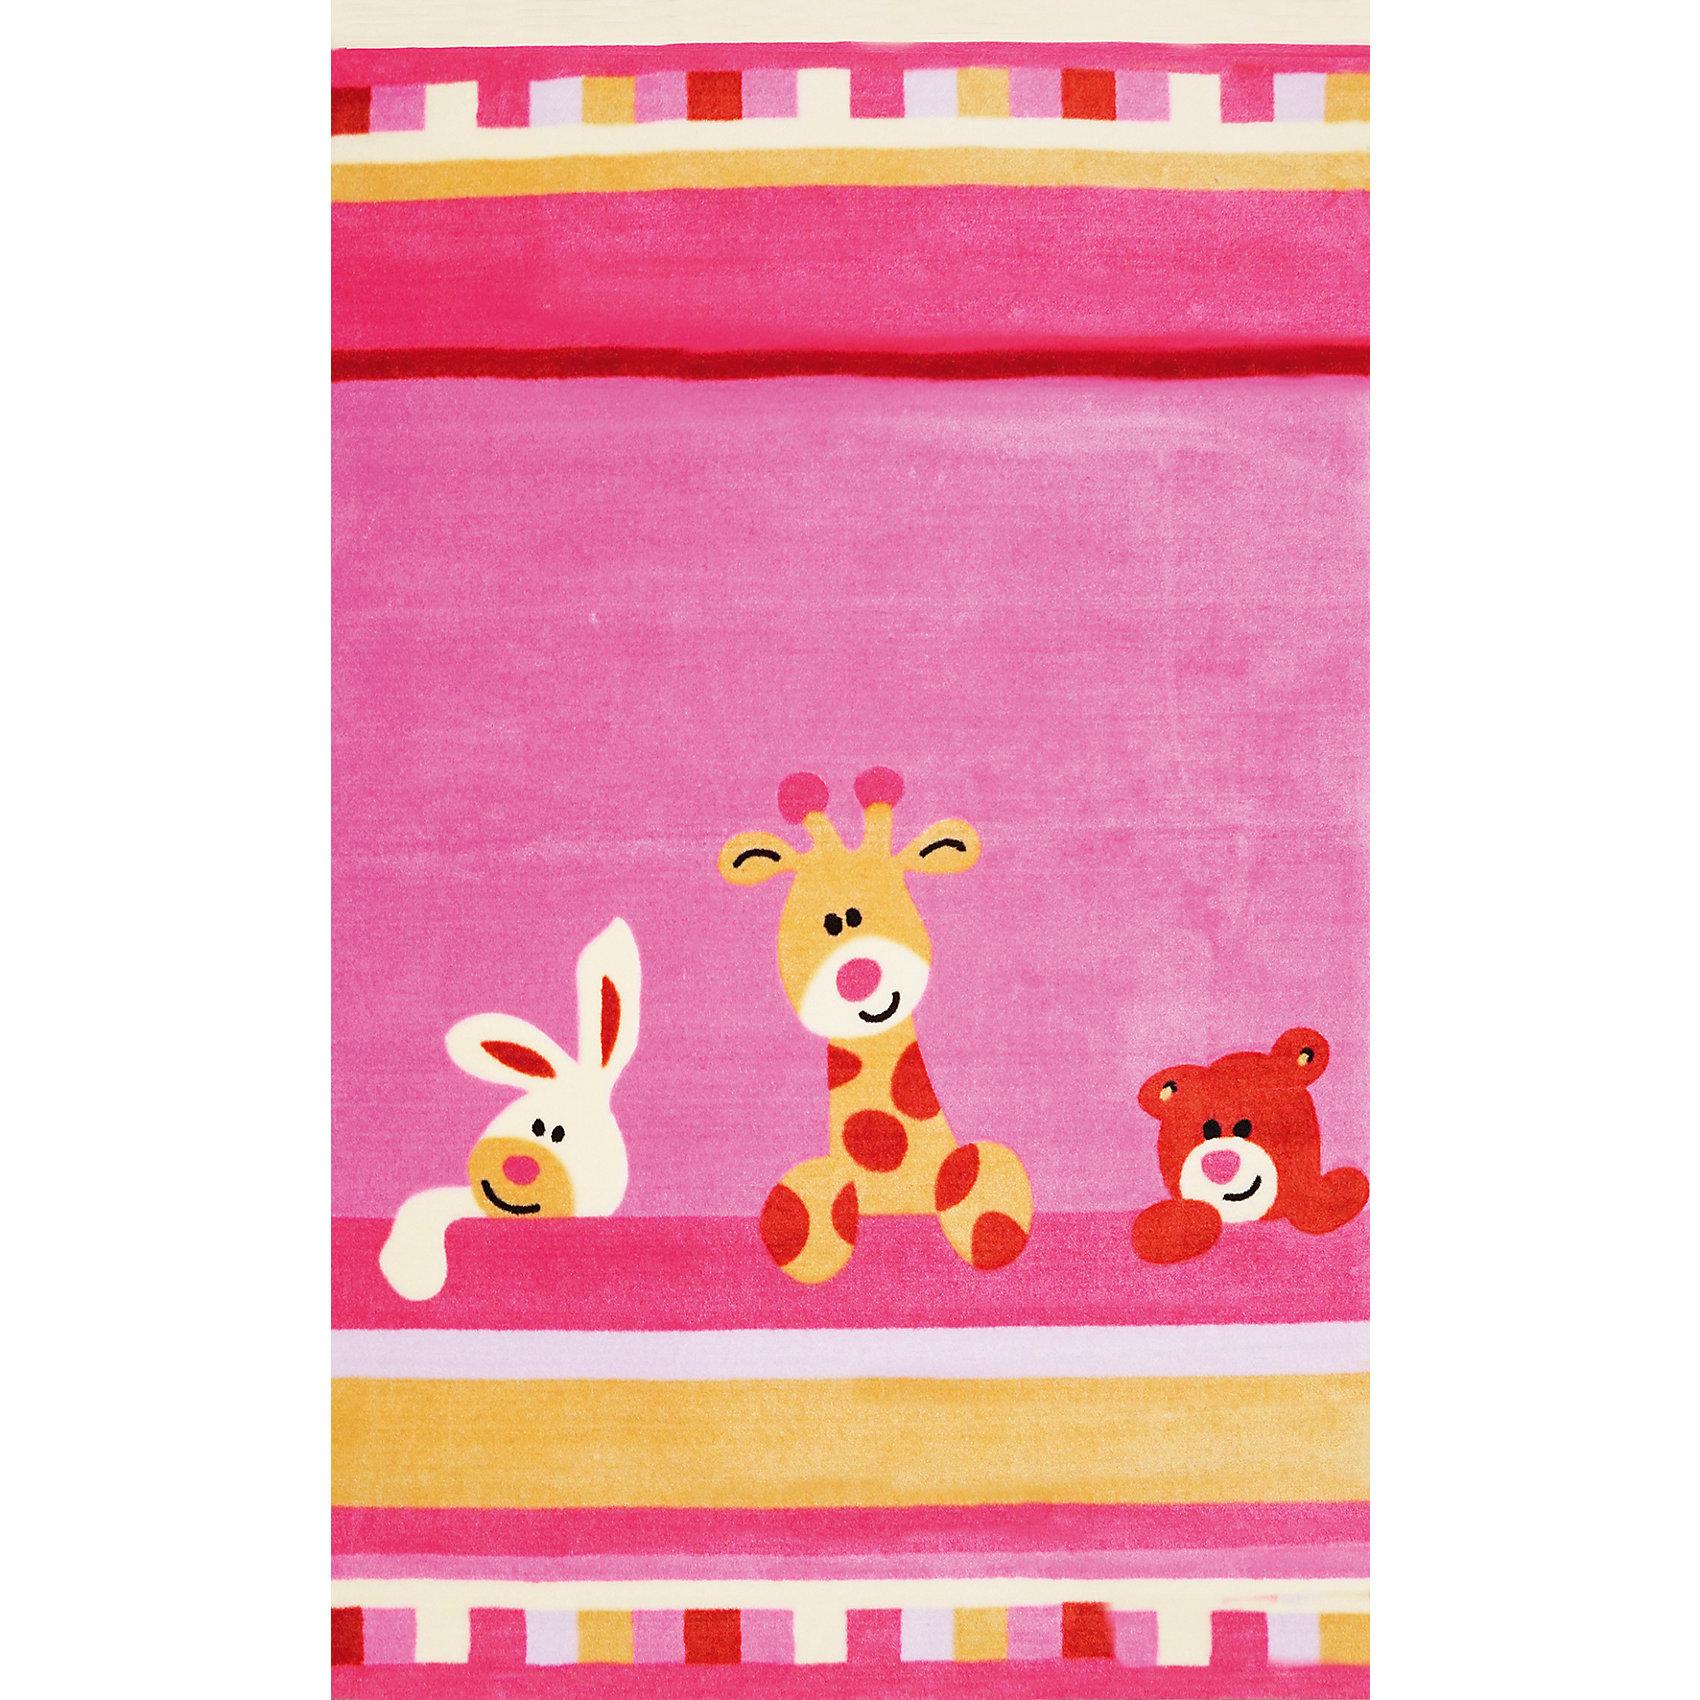 Розовый ковер 120 * 180 смБольшой мягкий ковер - прекрасный вариант для детской комнаты! Он отлично сохраняет тепло, позволяя малышам играть на полу. Яркий дизайн и расцветка обязательно понравятся детям и привнесут в любой интерьер оригинальность и новизну. Ковер изготовлен из акриловой пряжи, он очень мягкий на ощупь, гипоаллергенный, легко чистится, мало весит. Края изделия аккуратно и надежно обработаны. Подложка выполнена из текстильного материала - полихлопка (хлопок и полиэстер в соотношении 80/20). Полихлопок обладает высокой степенью износостойкости и в то же время достаточно мягок, чтобы не наносить повреждения на ламинированные и паркетные полы.<br><br>Дополнительная информация:<br><br>- Материал: акрил, полихлопок. <br>- Размер: 120х180 см. <br>- Цвет: розовый.<br>- Отличная теплопроводность. <br>- Антистатичность. <br>- Цветостойкость: долго сохраняет яркость цвета. <br><br>Розовый ковер 120х180 см, можно купить в нашем магазине.<br><br>Ширина мм: 1200<br>Глубина мм: 200<br>Высота мм: 200<br>Вес г: 3780<br>Возраст от месяцев: -2147483648<br>Возраст до месяцев: 2147483647<br>Пол: Женский<br>Возраст: Детский<br>SKU: 4537014